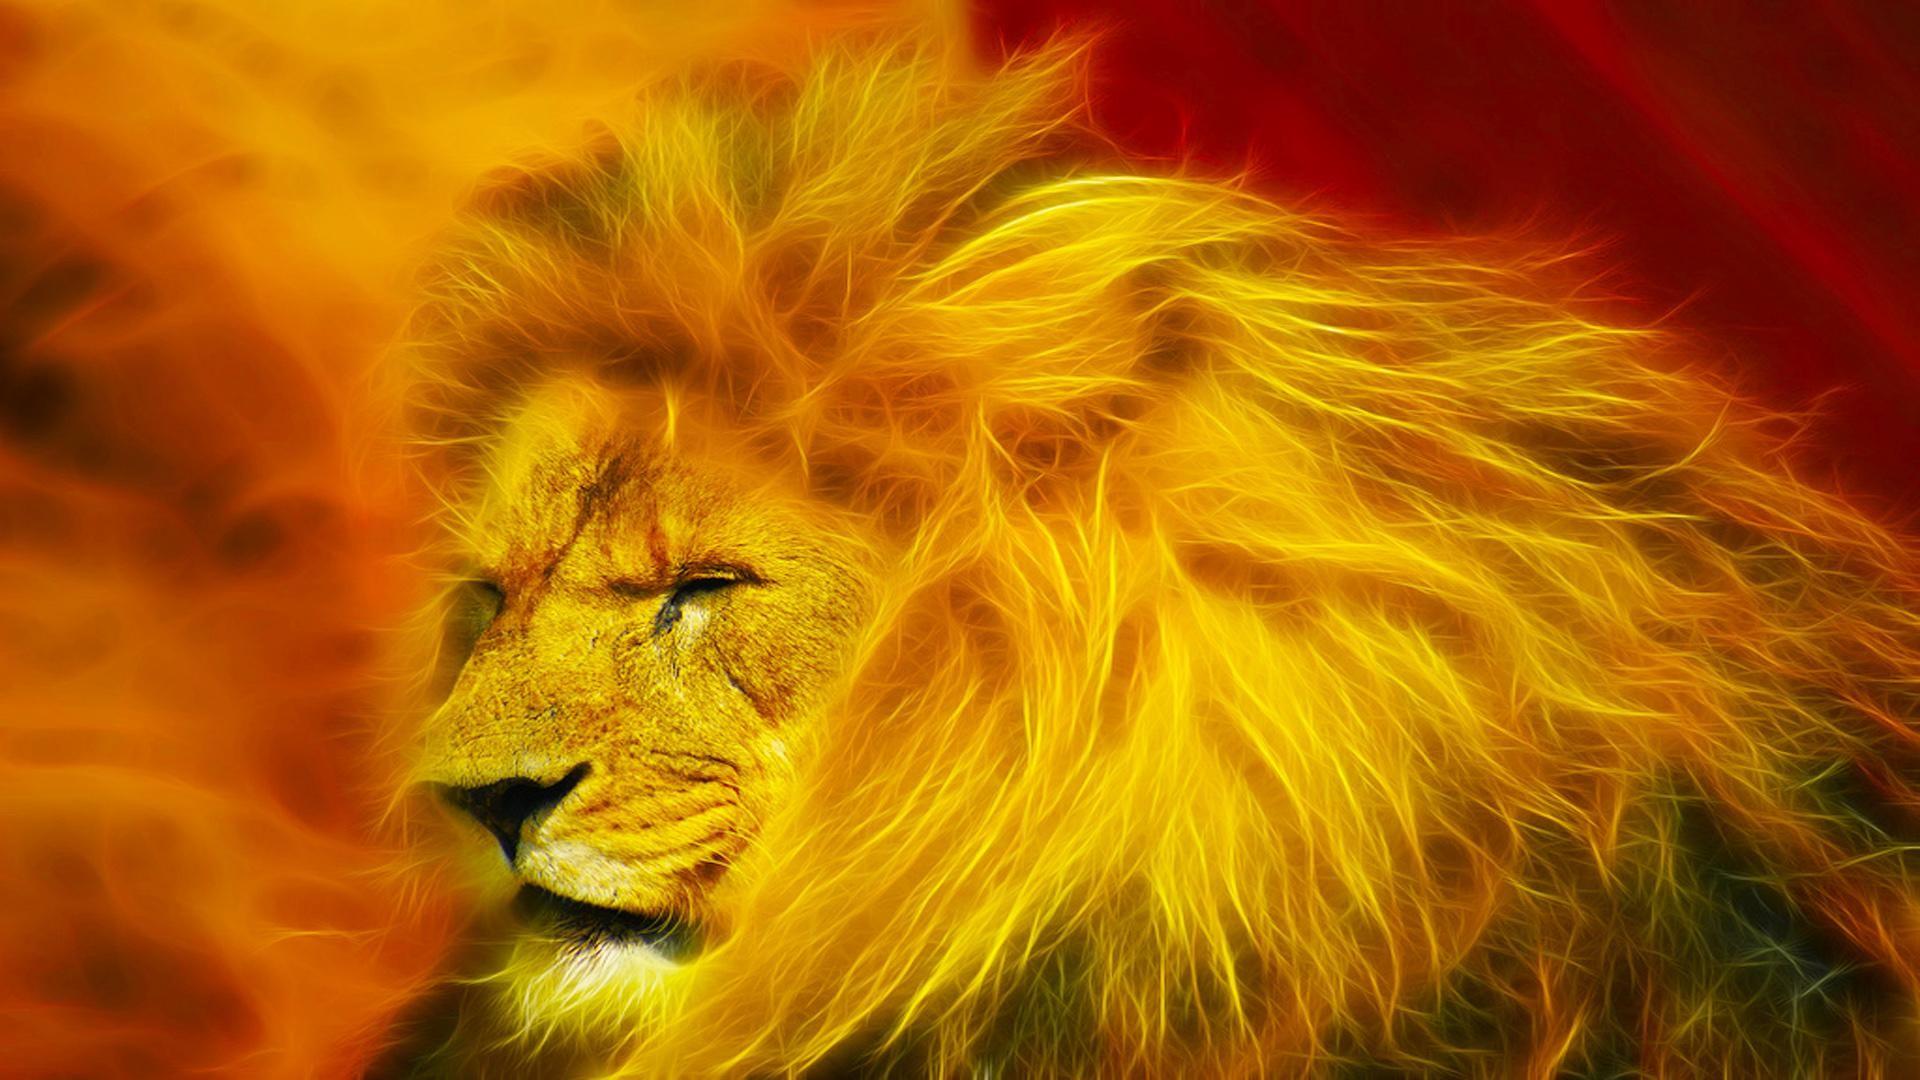 фото высокого качества львы на фон телефона вечными спутниками